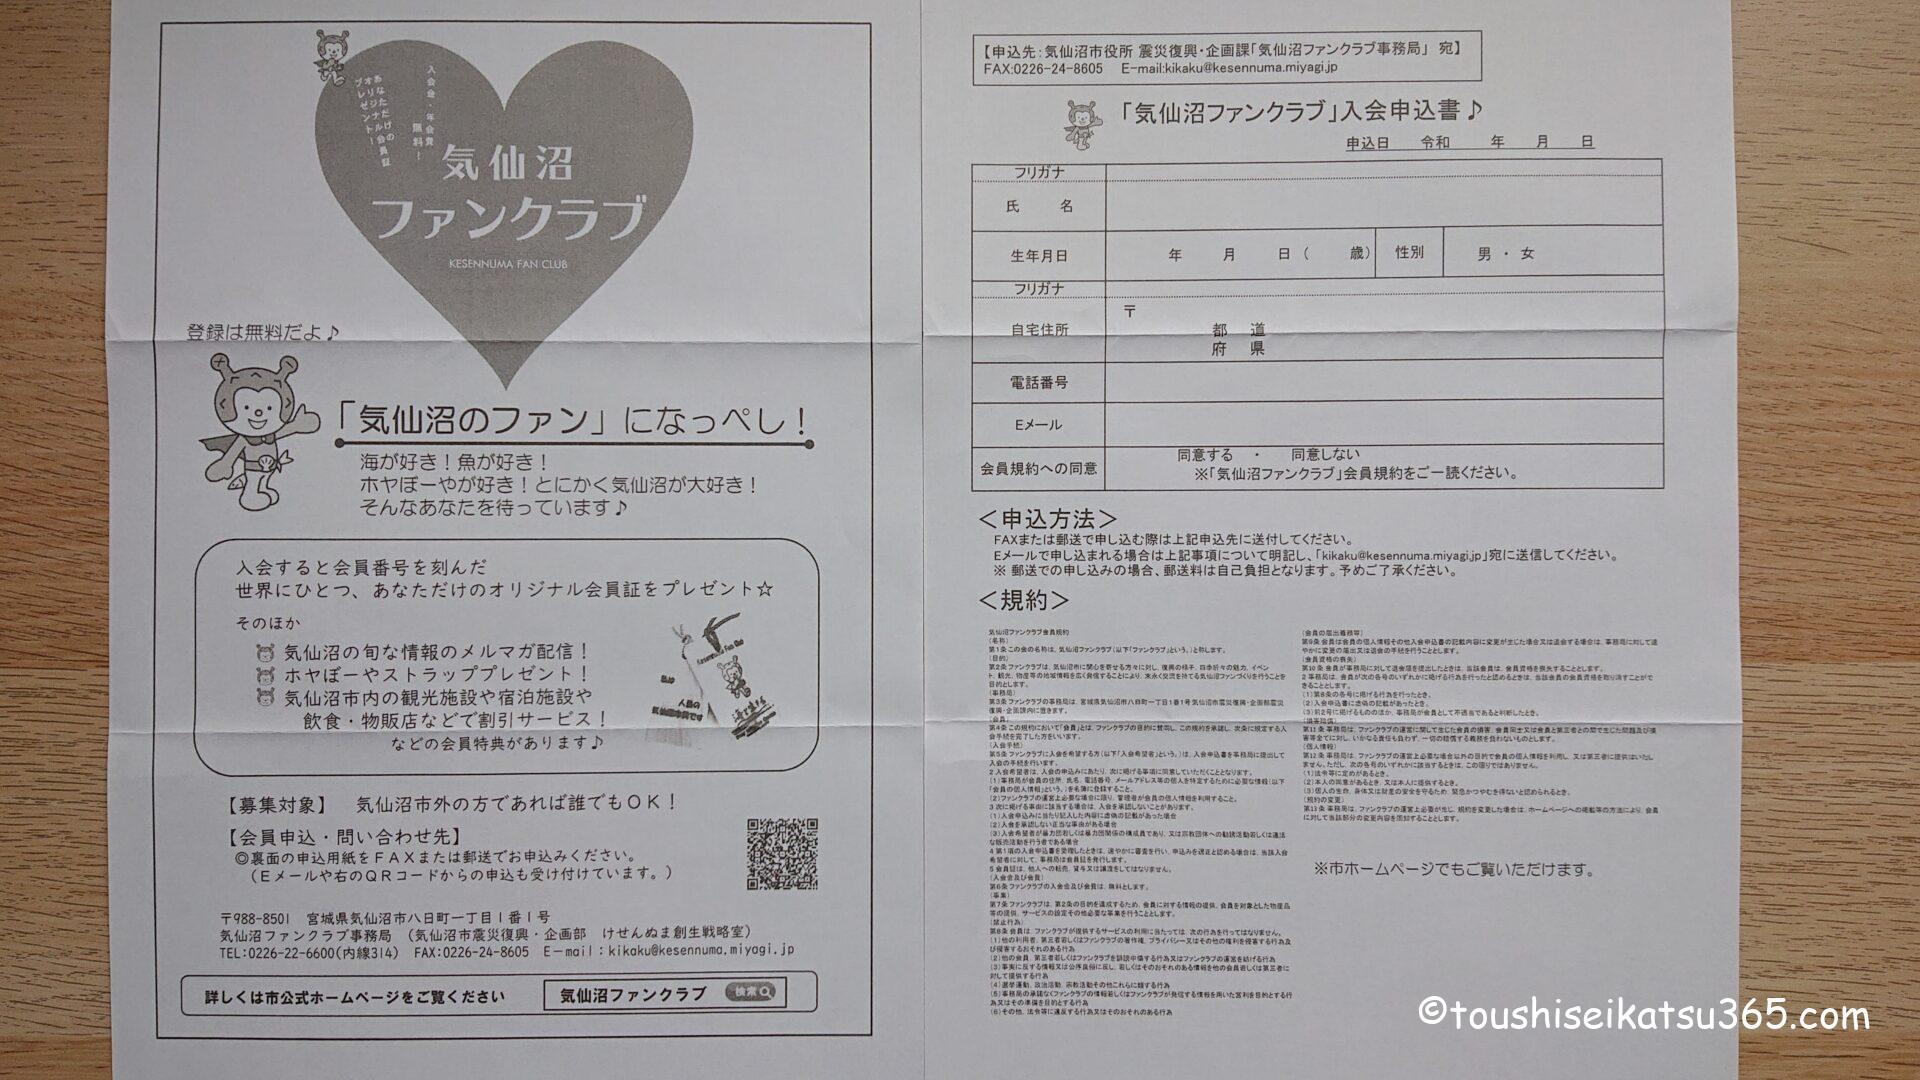 気仙沼ファンクラブ入会申込書